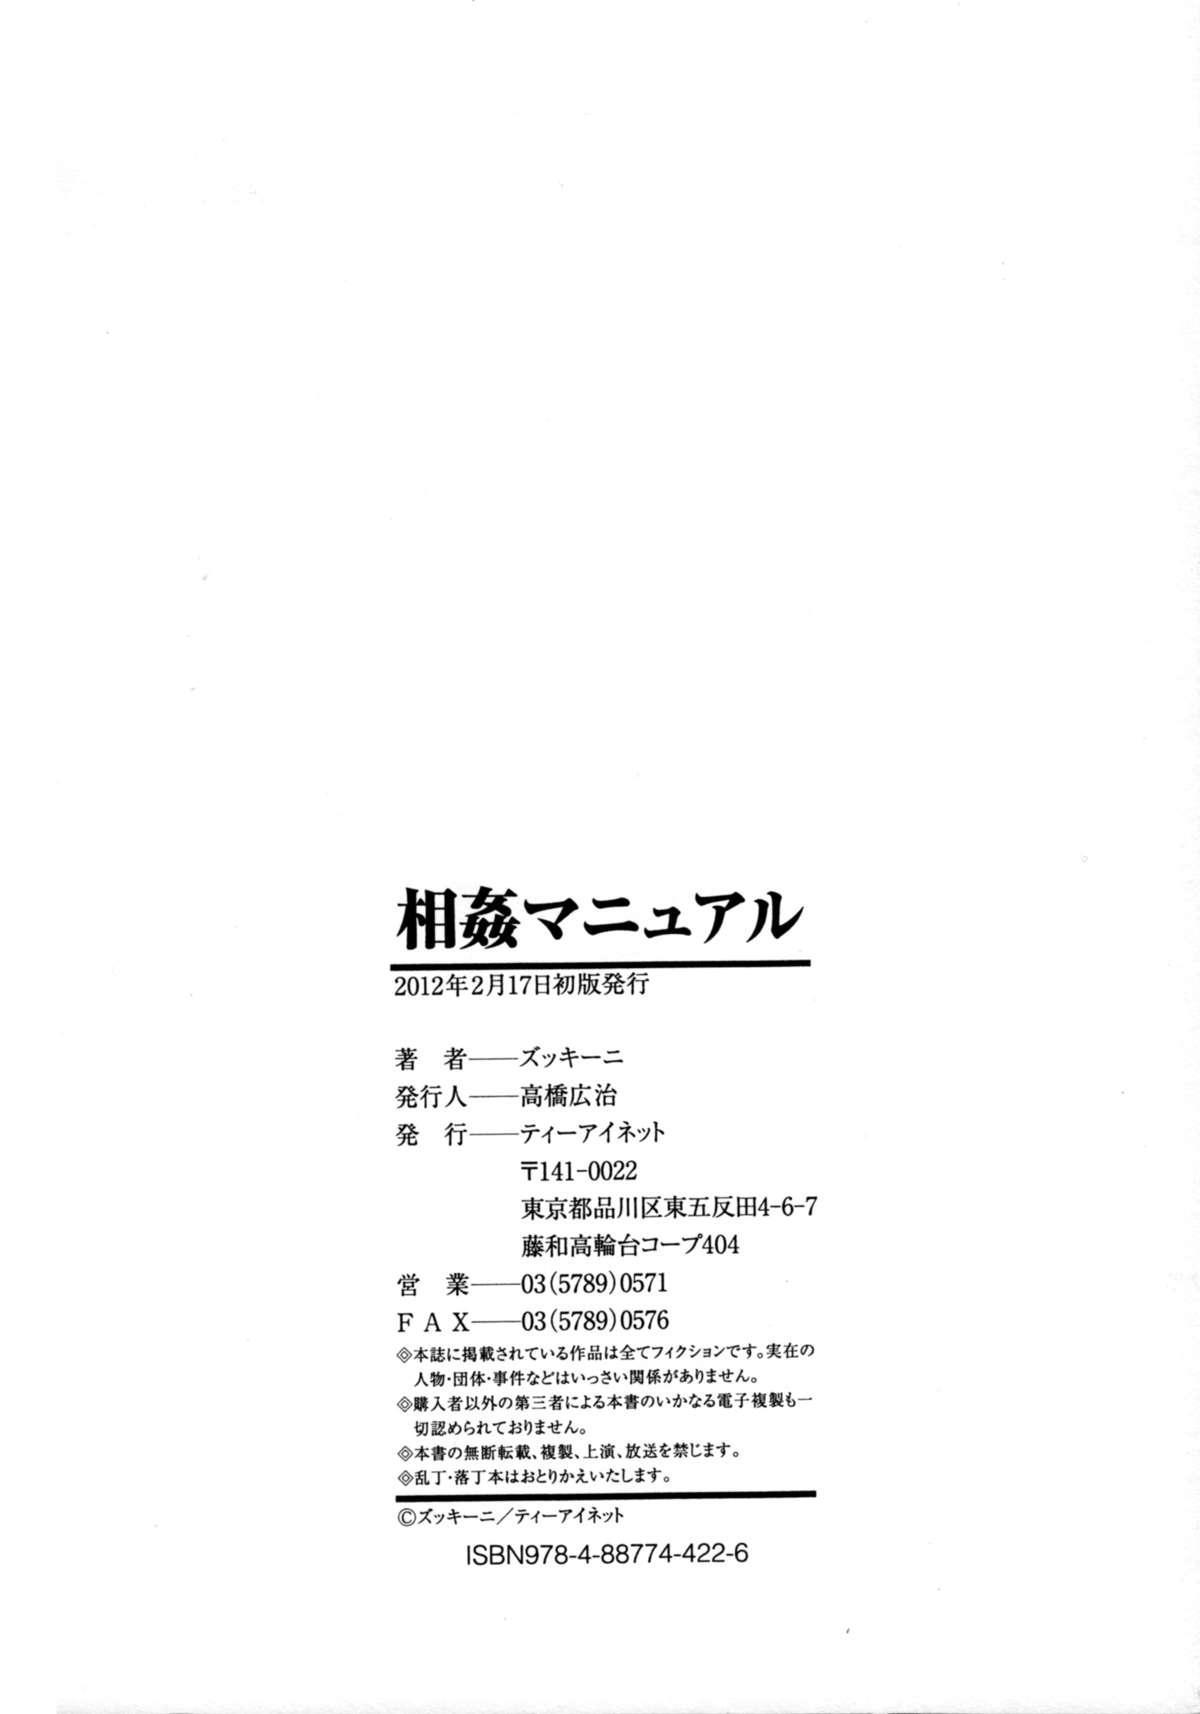 Soukan Manual | Incest Manual 219